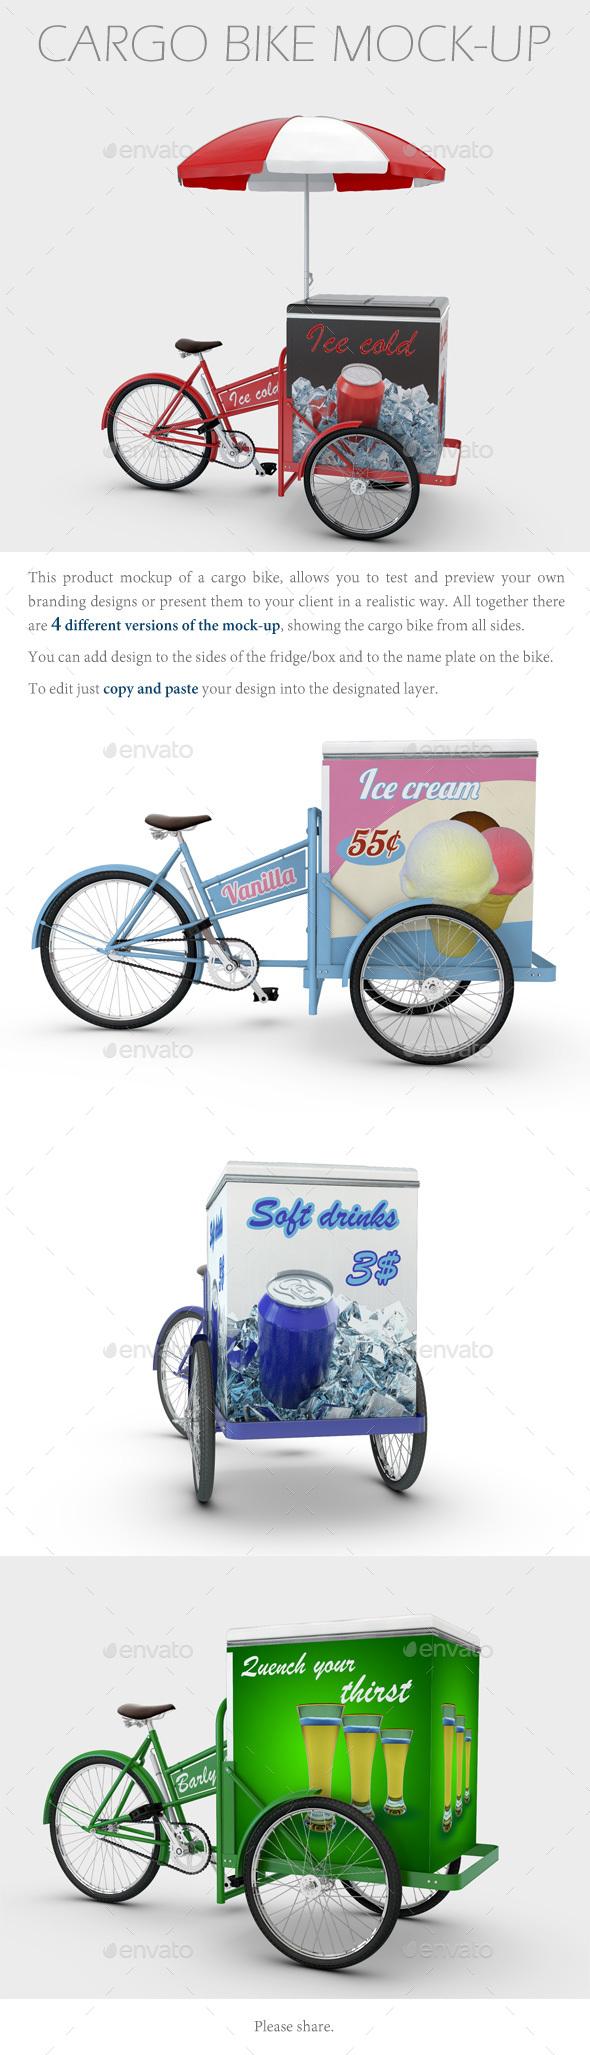 Cargo Bike Mock-Up - Product Mock-Ups Graphics